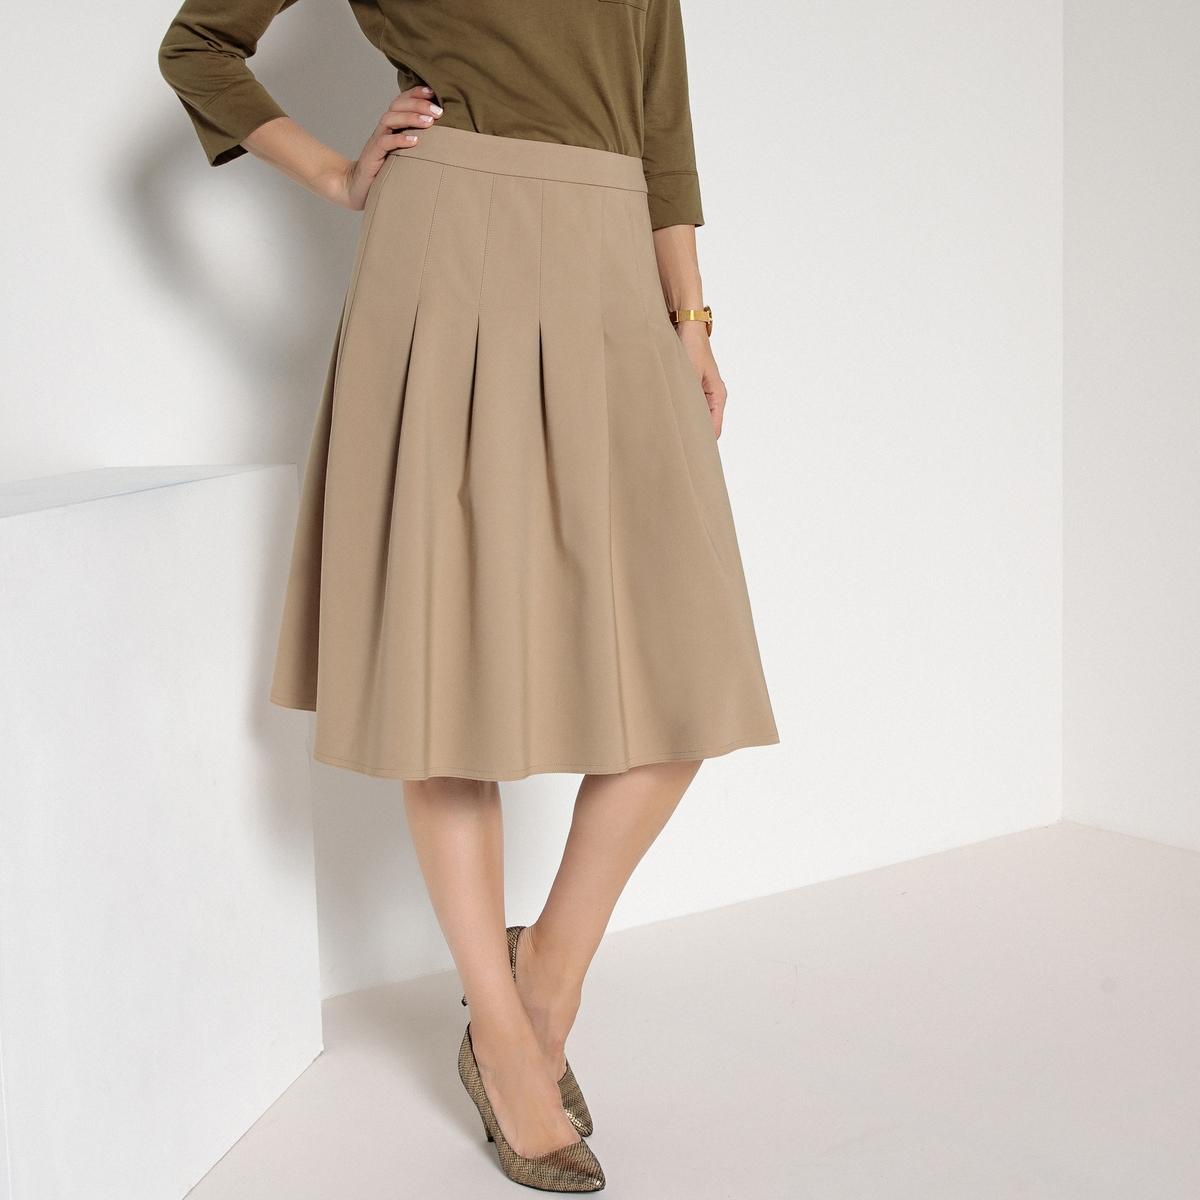 Imagen secundaria de producto de Falda con pliegue delante y detrás, semilarga - Anne weyburn